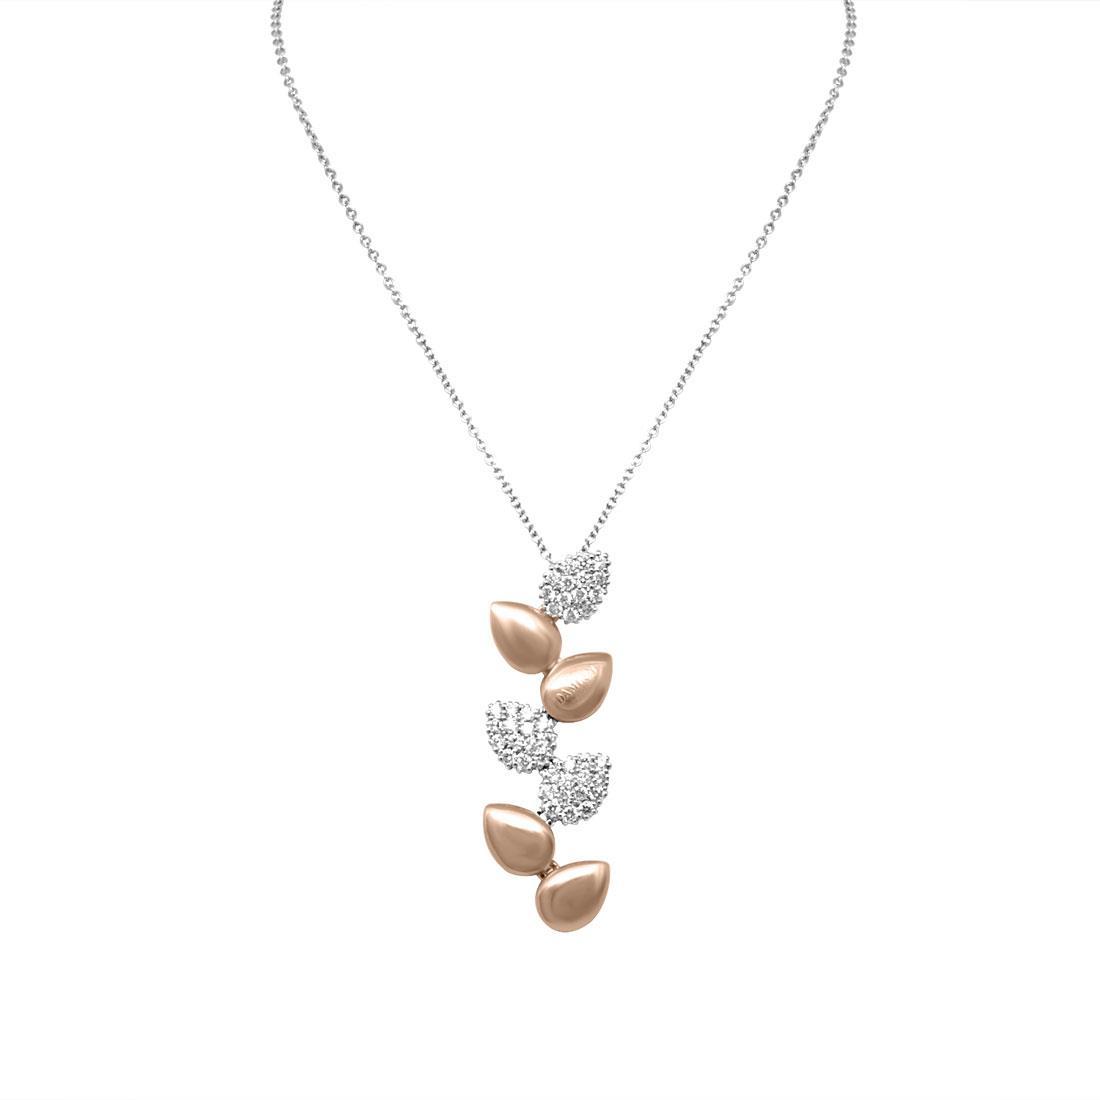 Collana Damiani in oro bianco e oro rosa con diamante ct 0,77 - DAMIANI